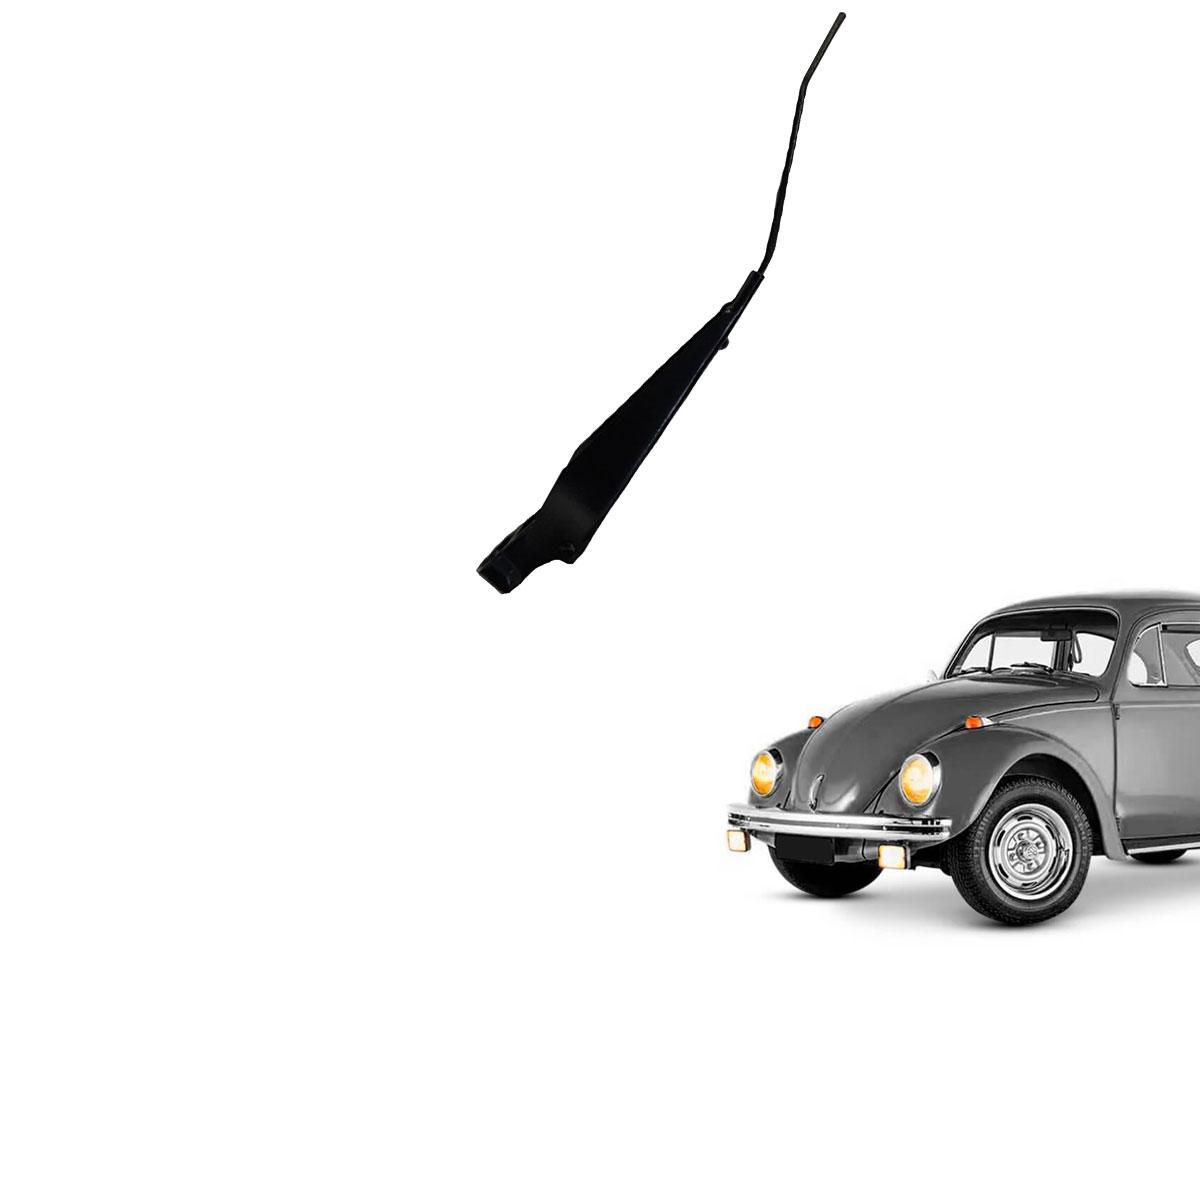 Braço Limpador FUSCA - 1973 Até 1975 - Palheta com Parafuso